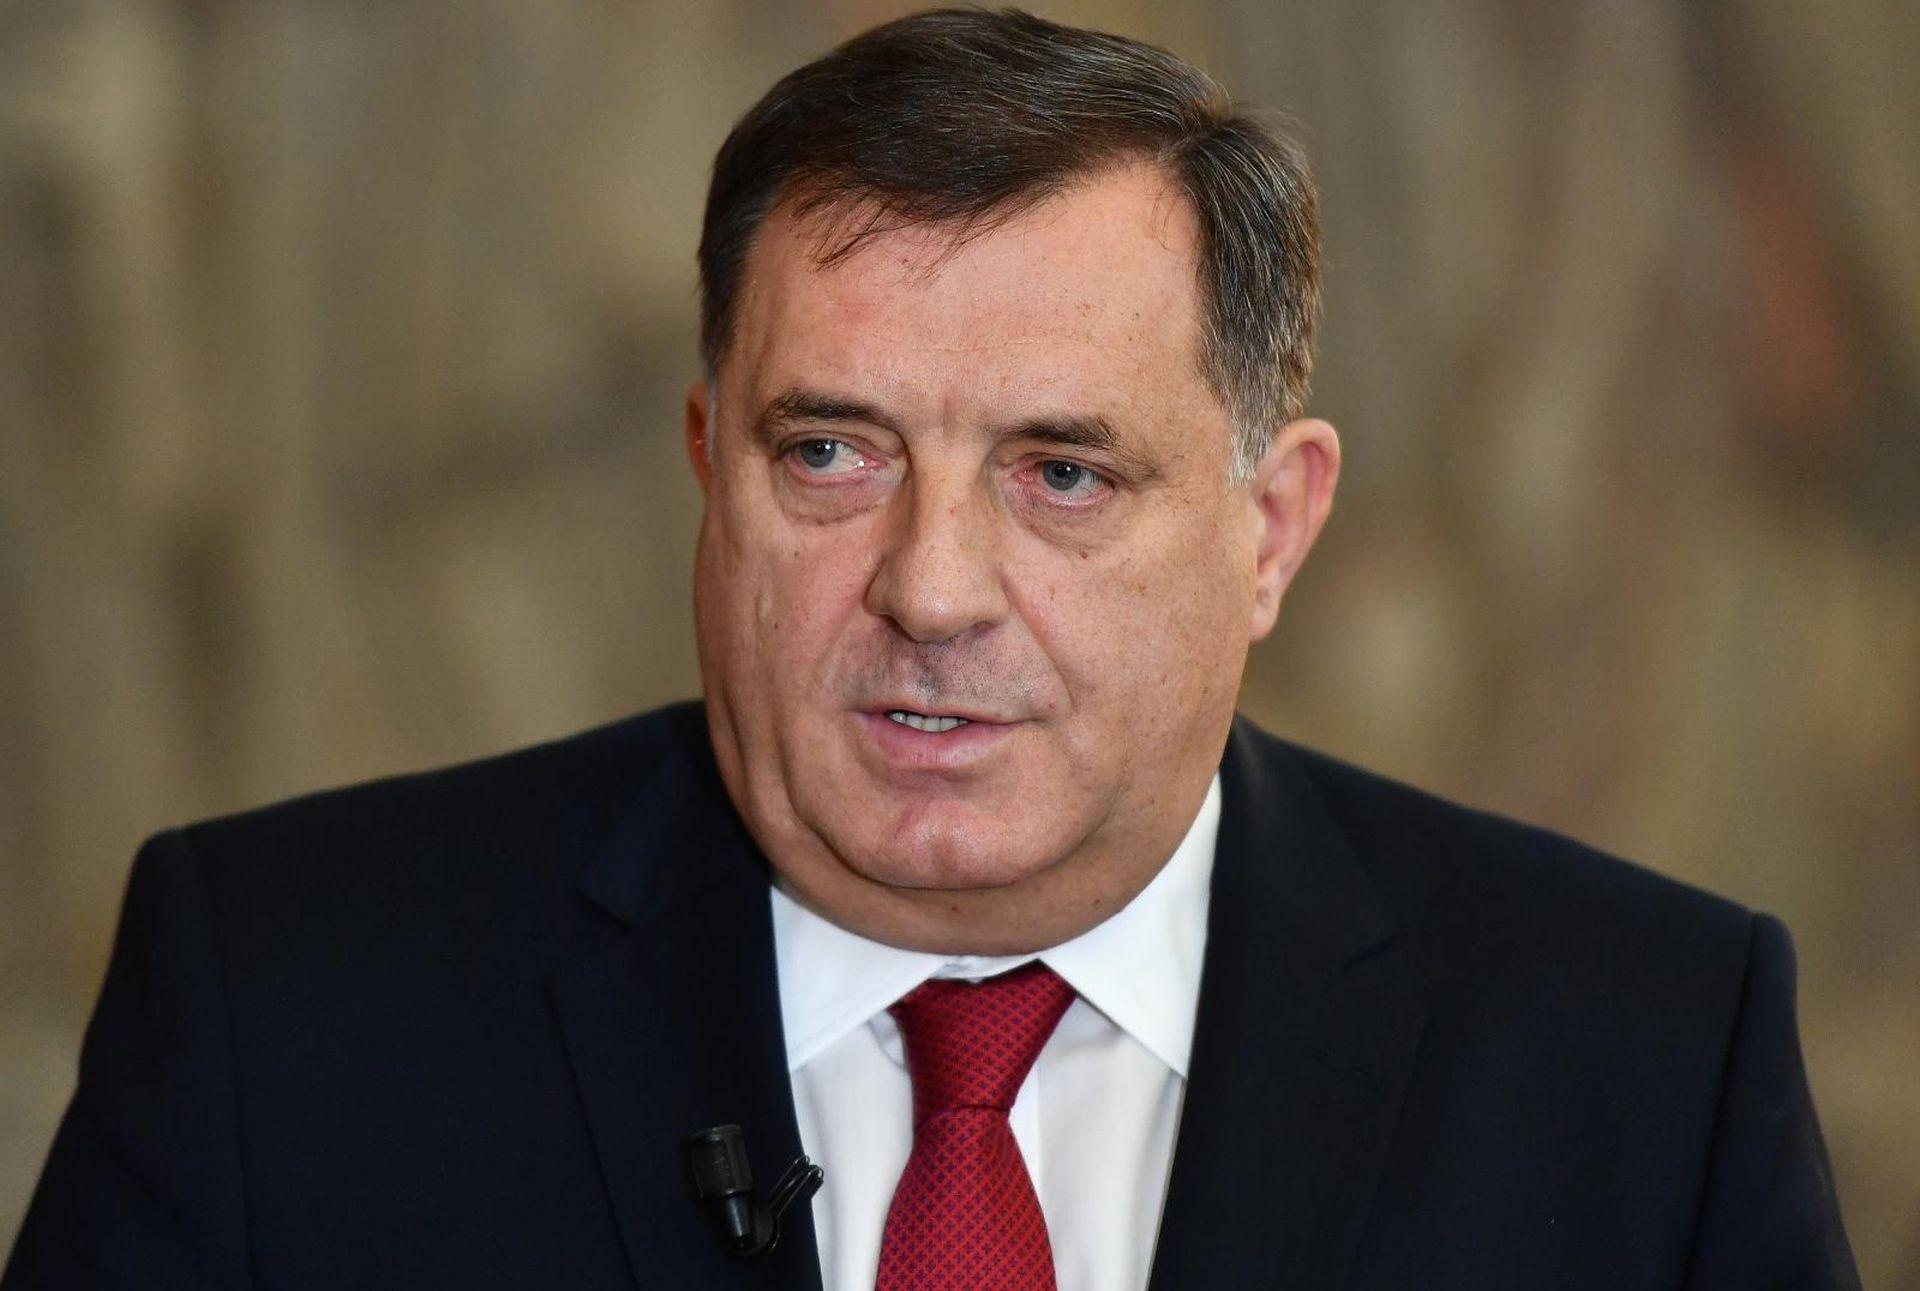 Raspada se oporbena koalicija protiv Dodika